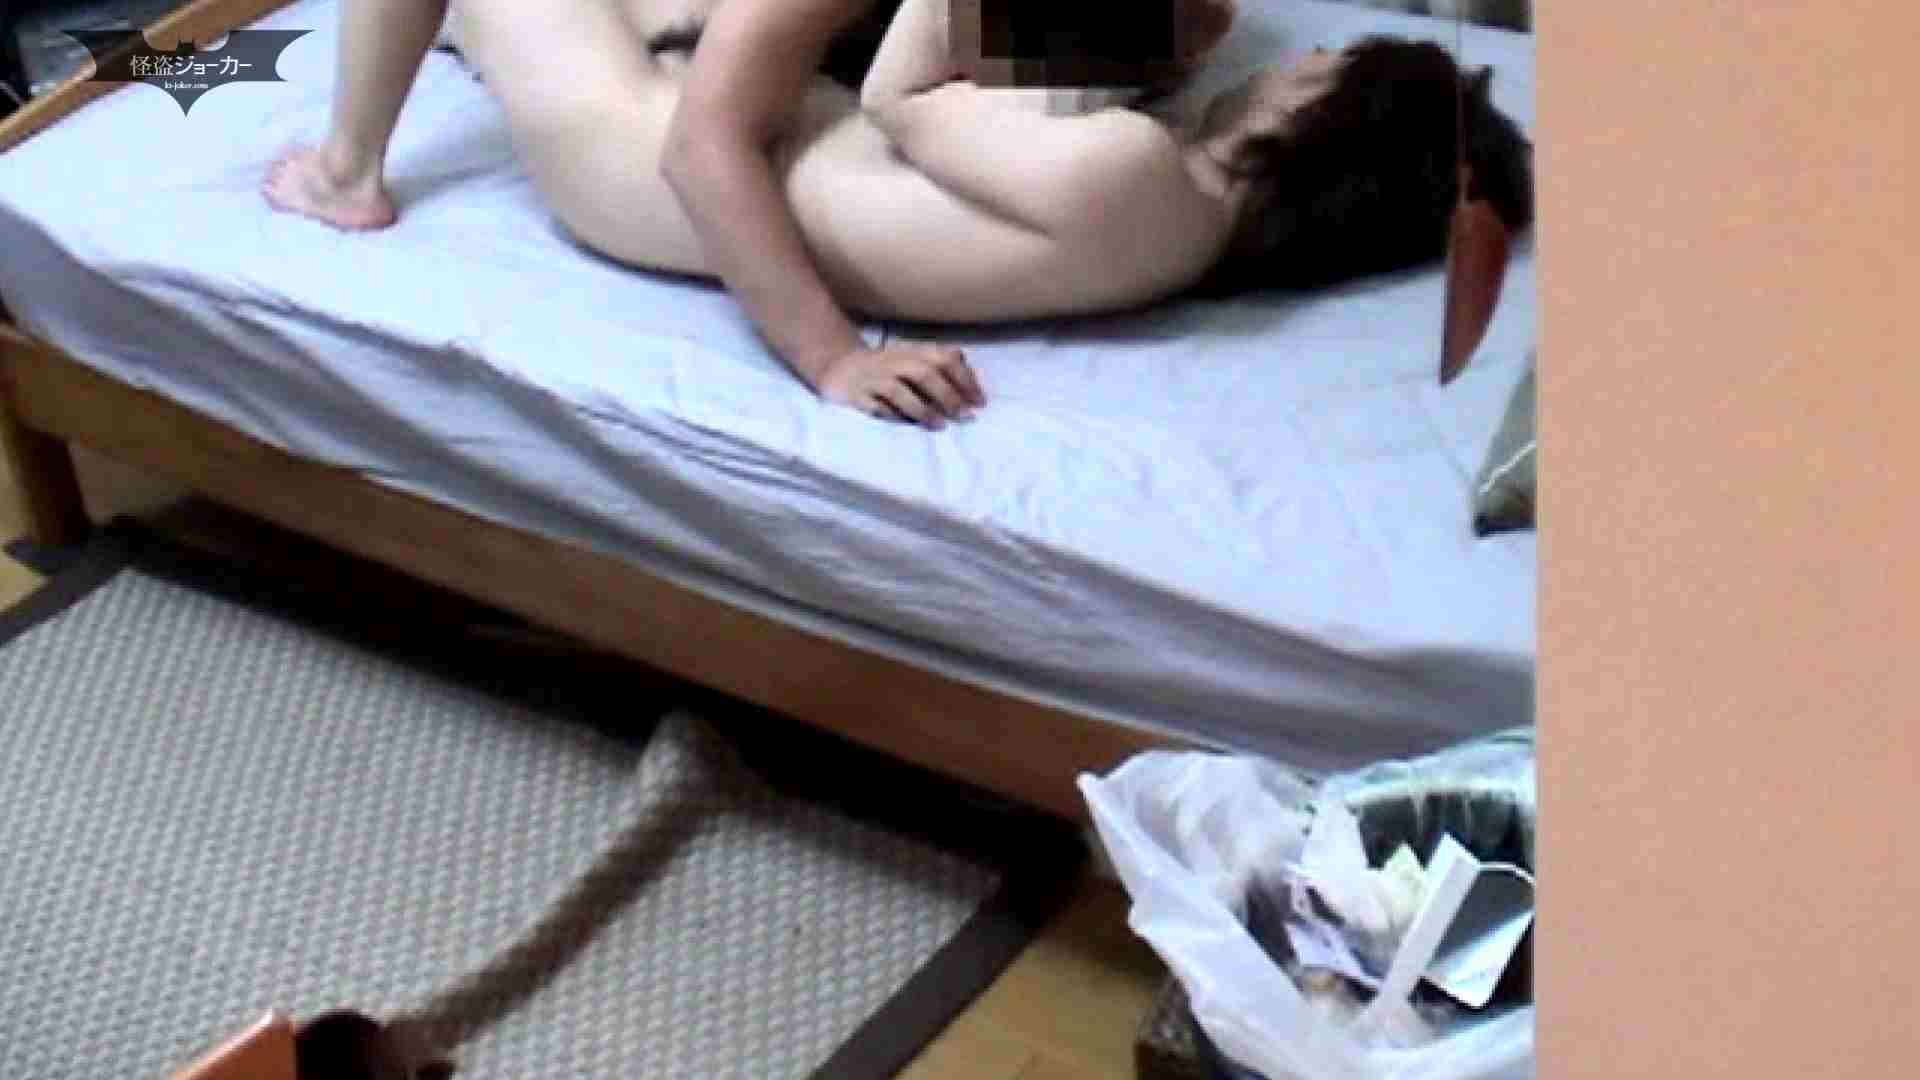 素人女良を部屋に連れ込み隠し撮りSEX!! その13  合コン潮吹き女良りの セックス  92PIX 44